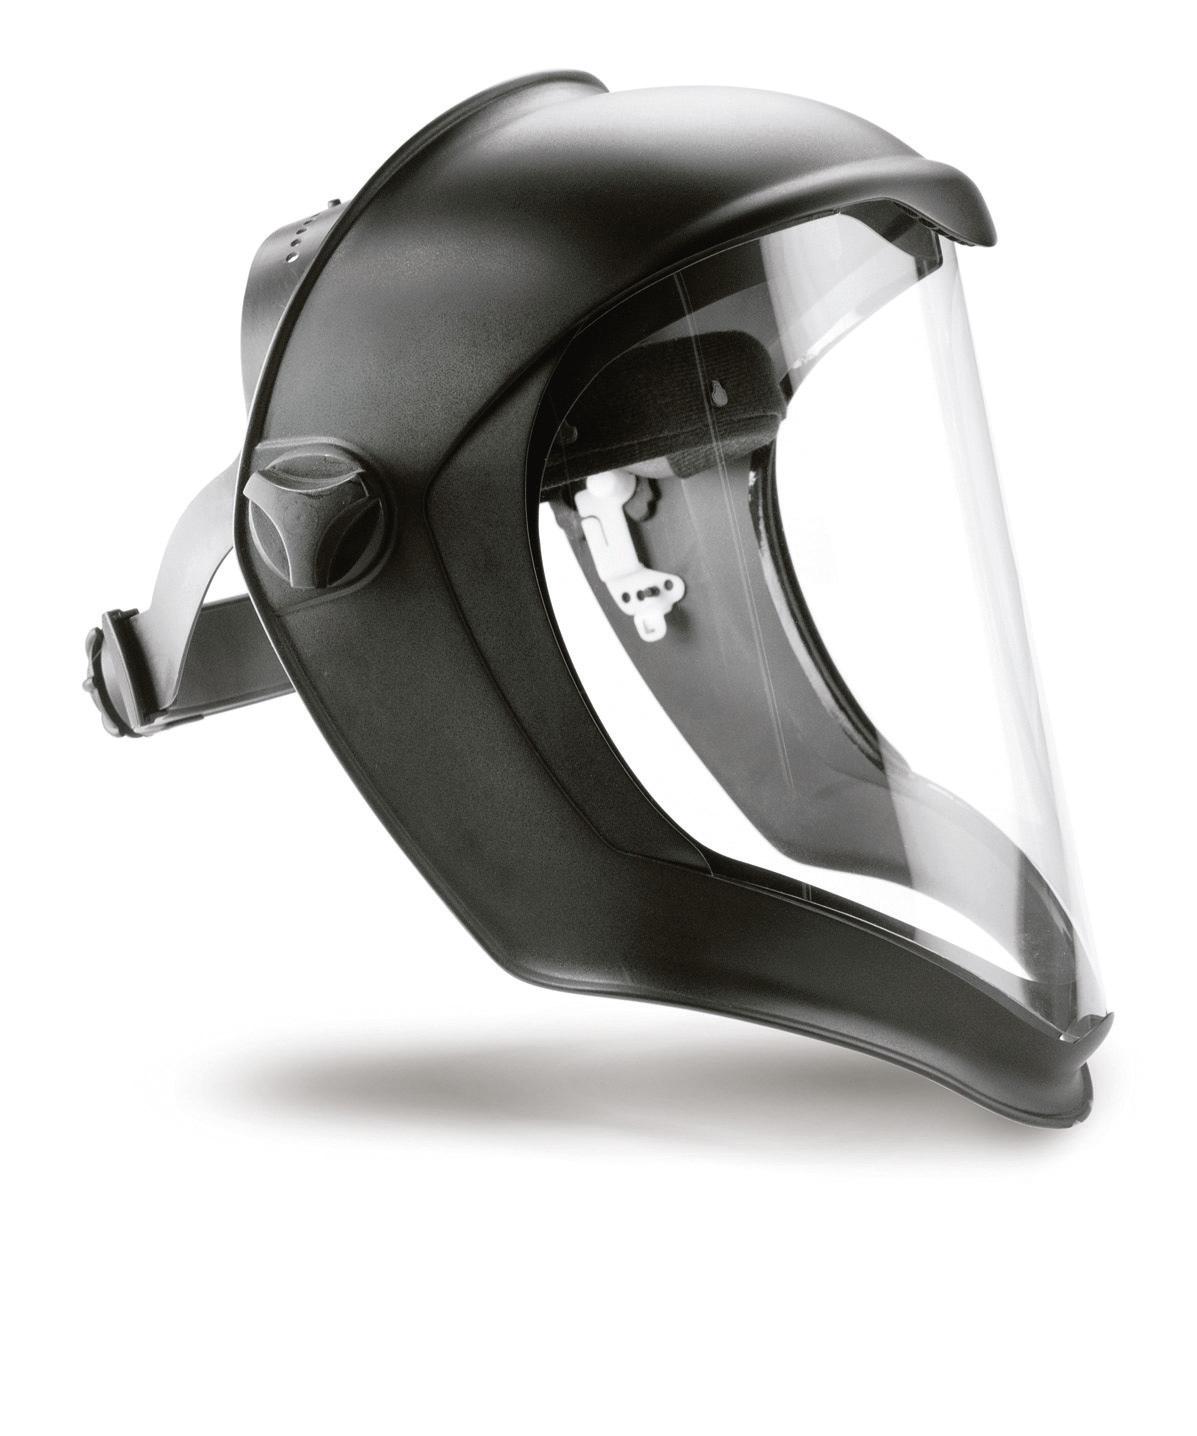 Osłona twarzy Bionic Honeywell 1011624